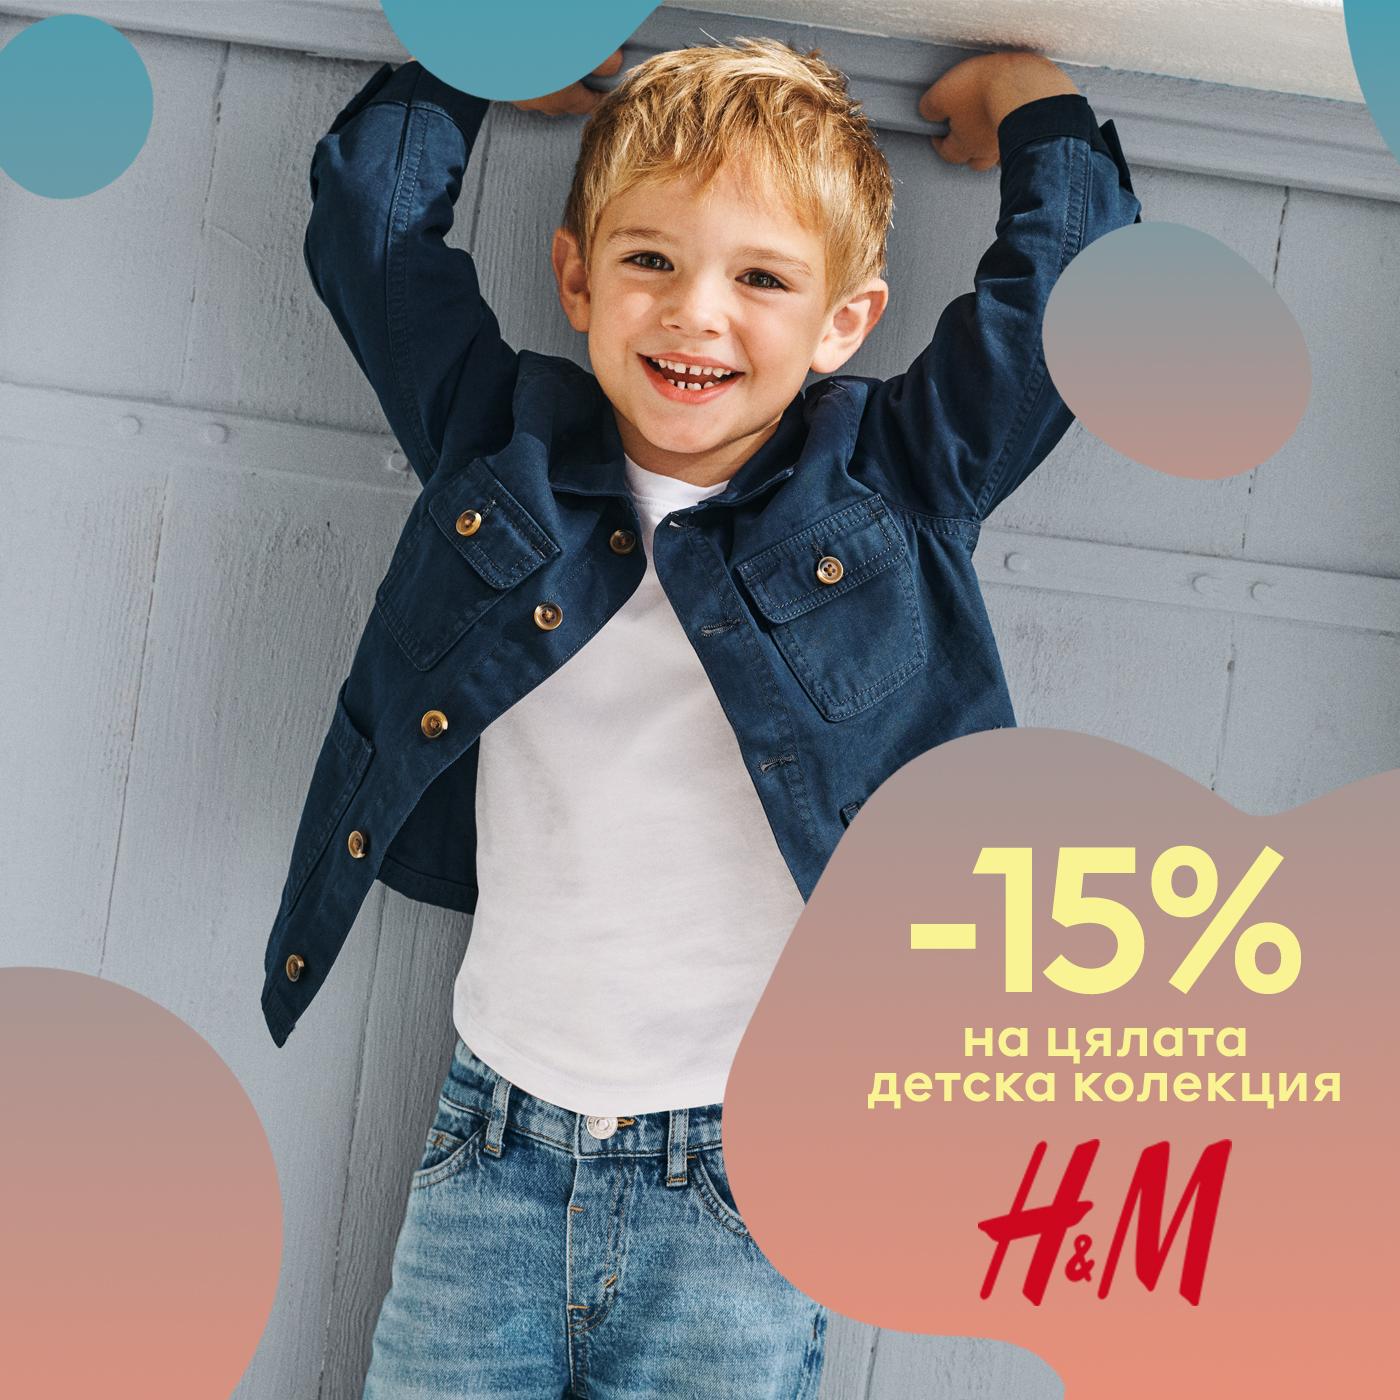 Денят на детето в H&M